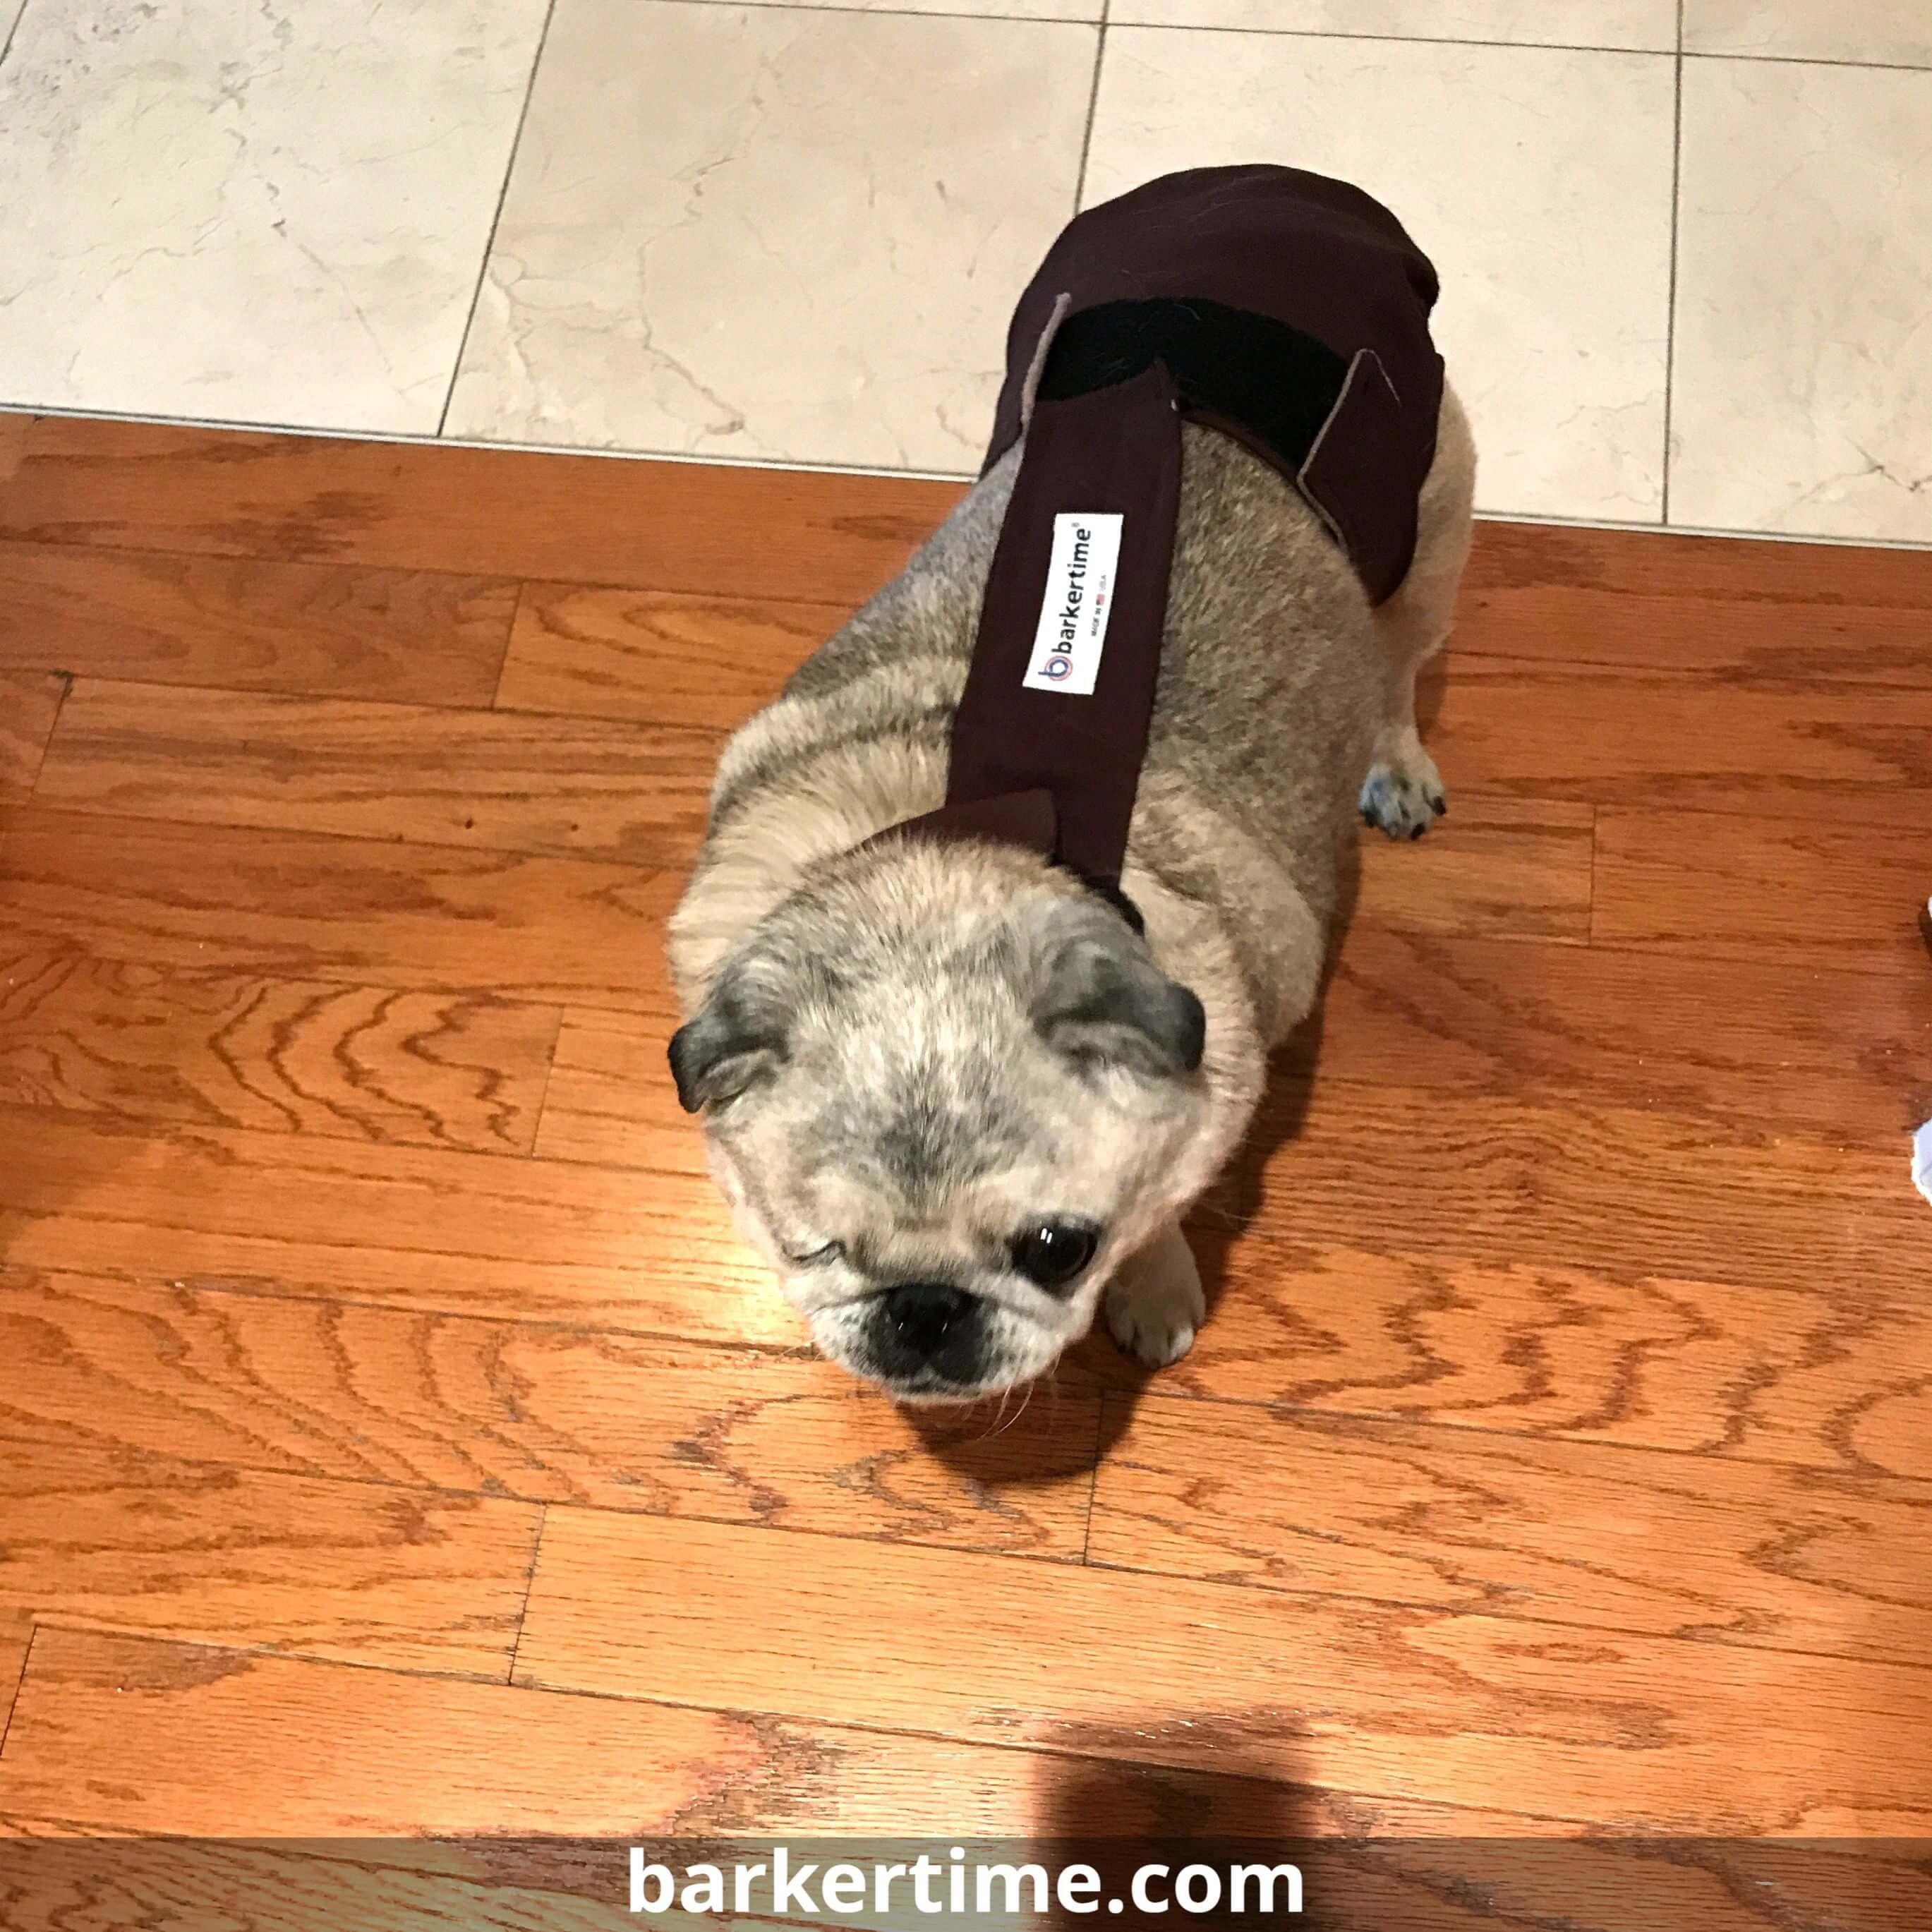 Fits great! Barkertime Dog diapers, Dog design, Fur babies